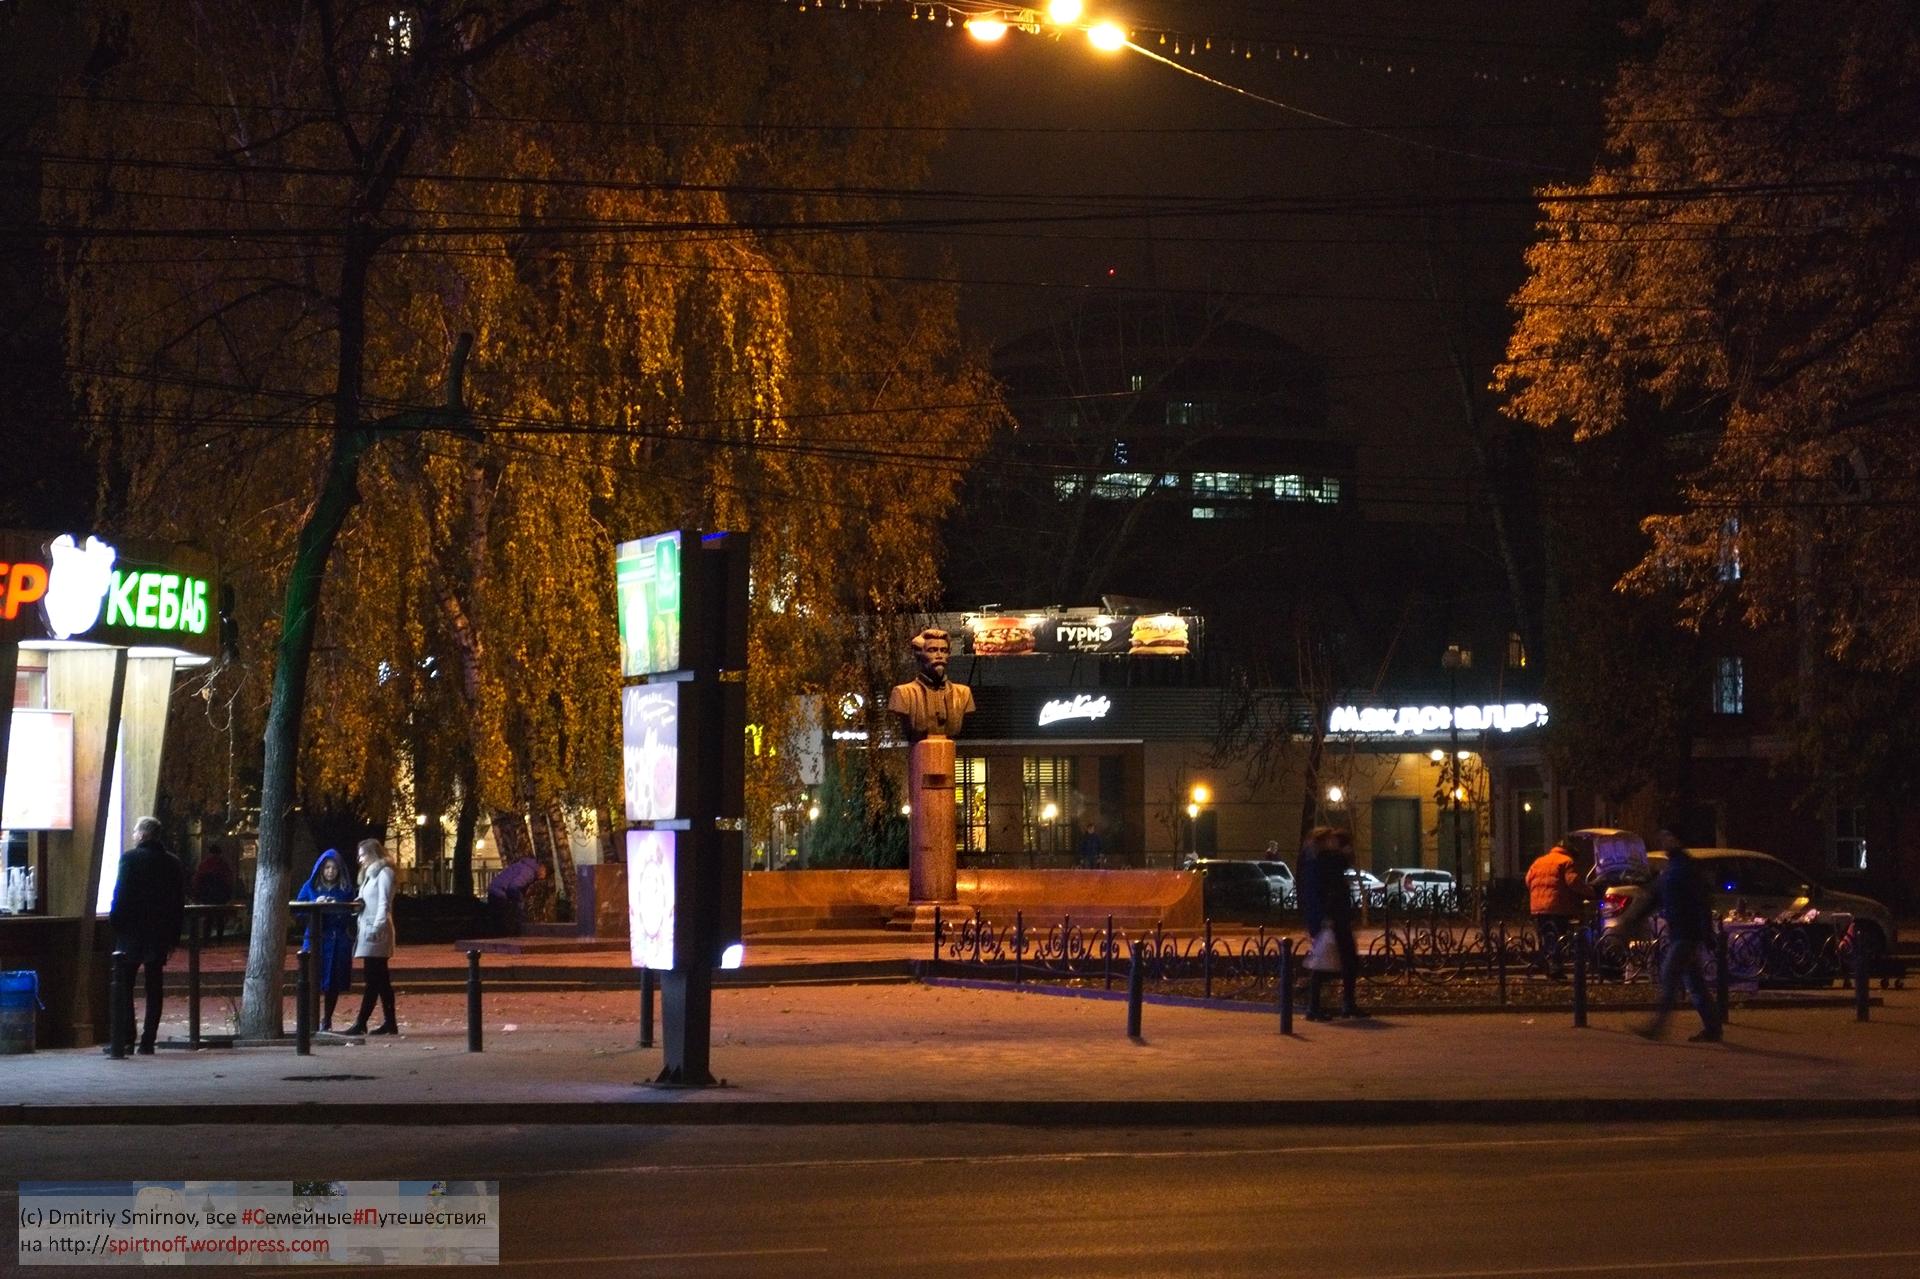 DSC_8885-133-Blog-170 Путешествия  Воронеж. Портал в соседнее измерение